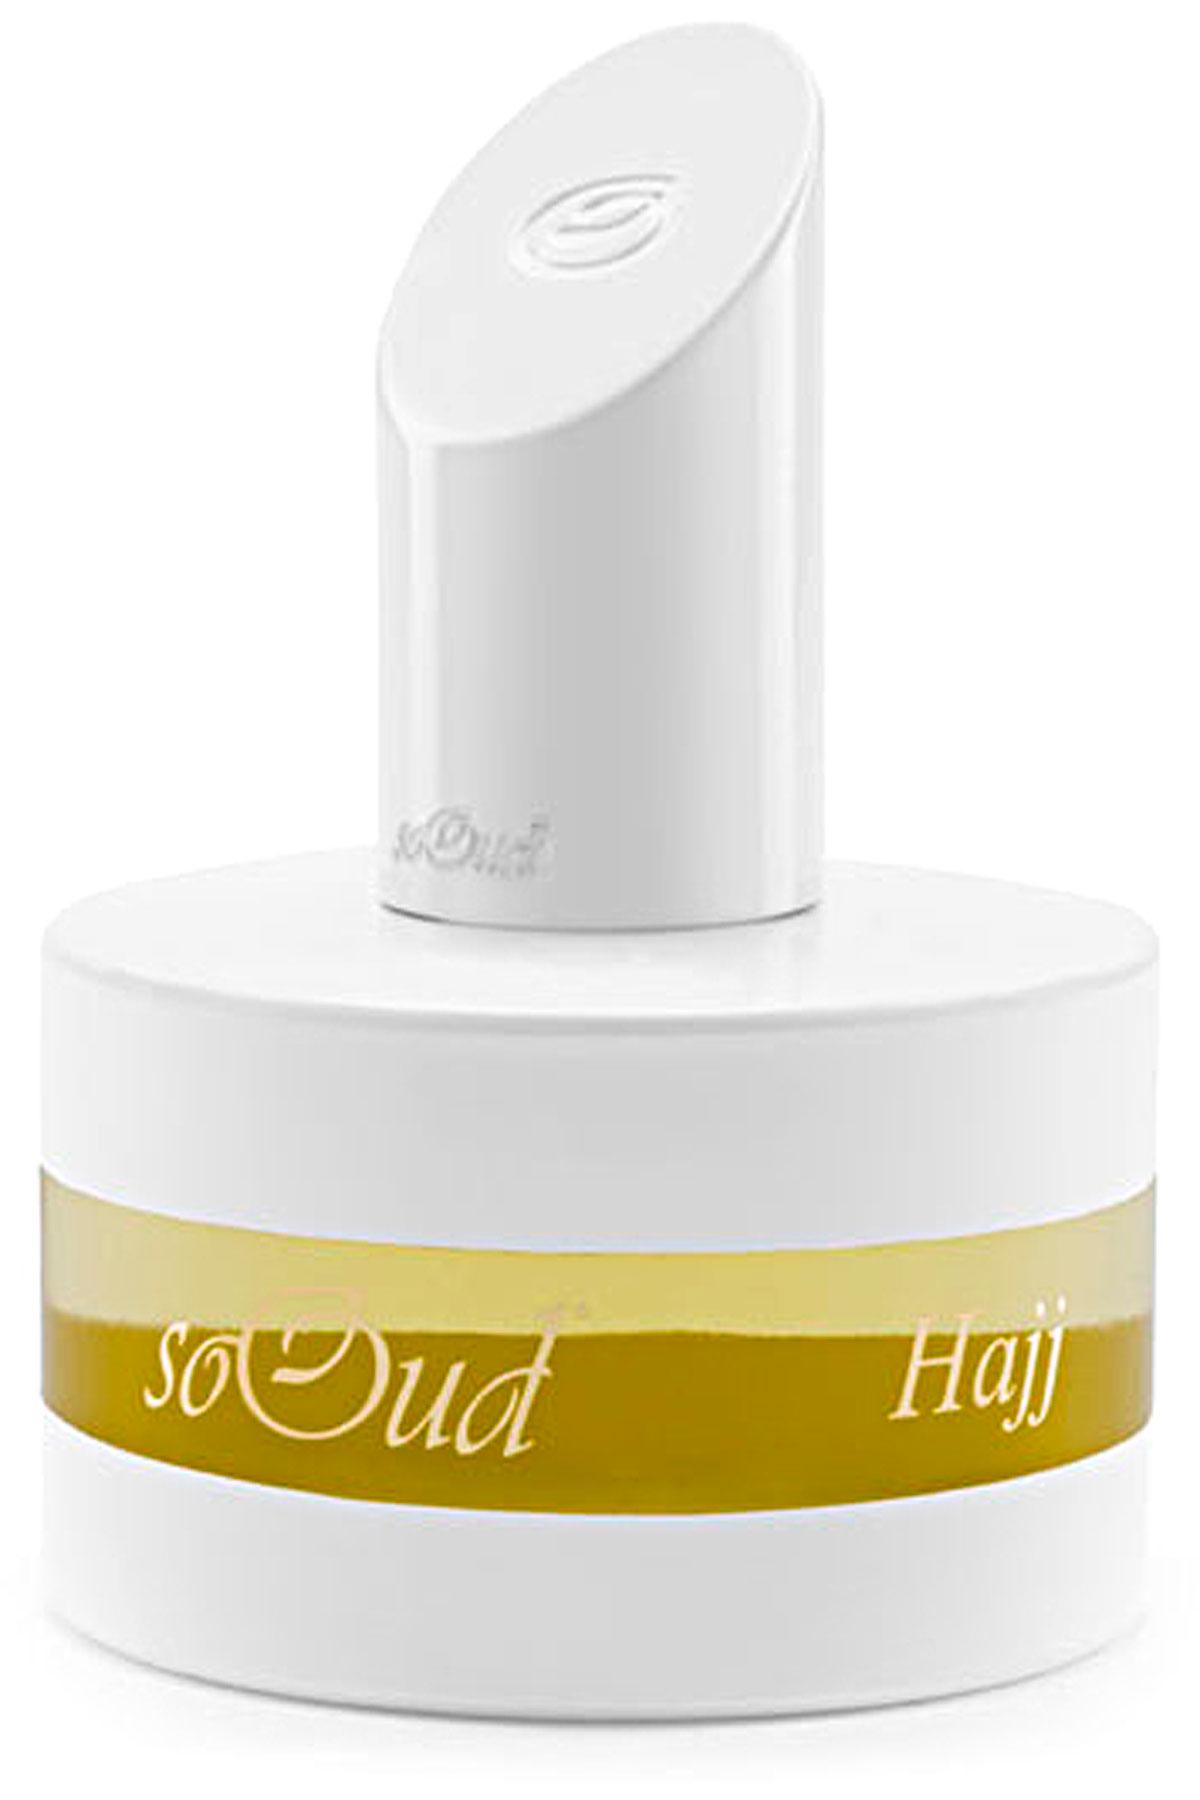 SoOud Fragrances for Women, Hajj - Eau Fine - 60 Ml, 2019, 60 ml